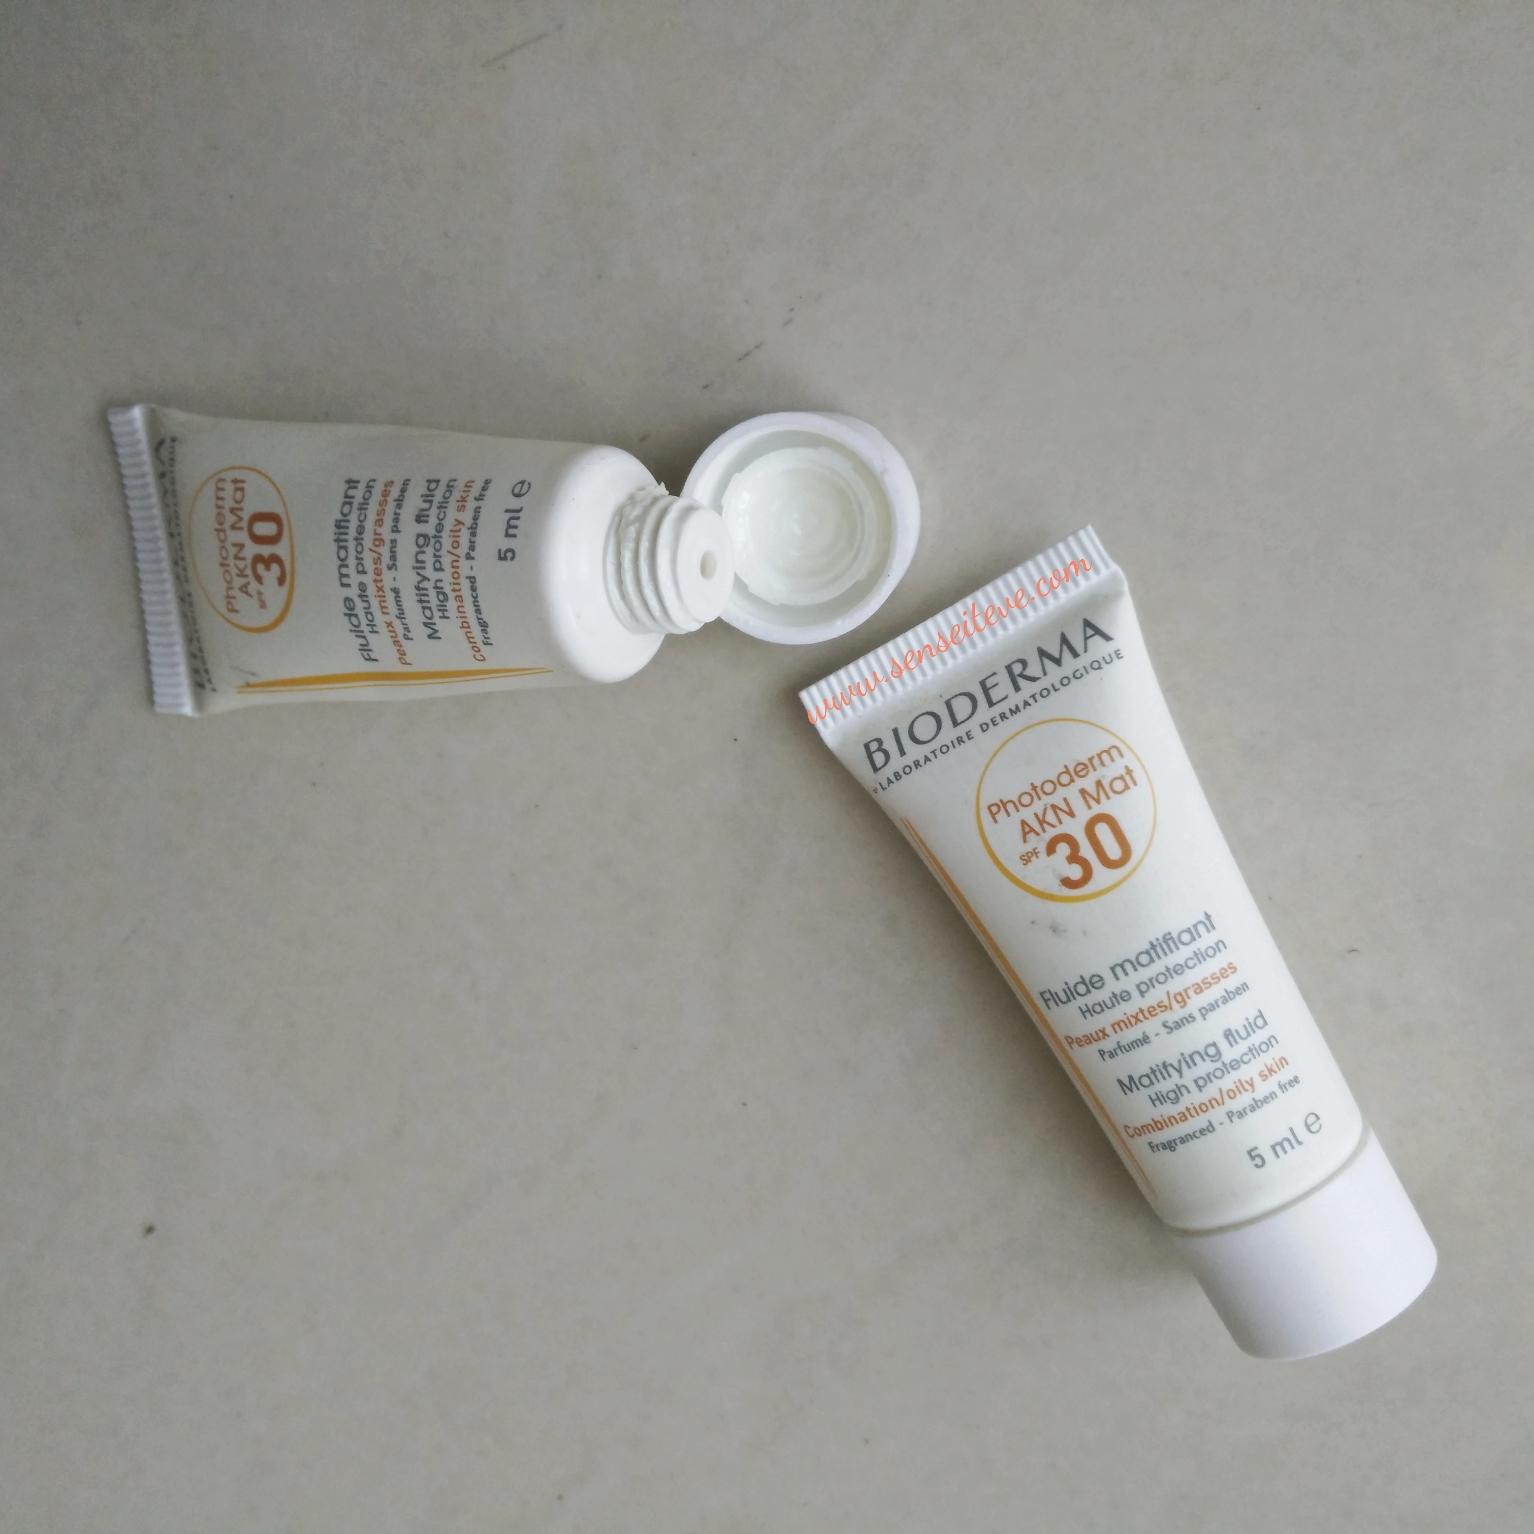 Bioderma Photoderm AKN Mat Sunscreen SPF 30